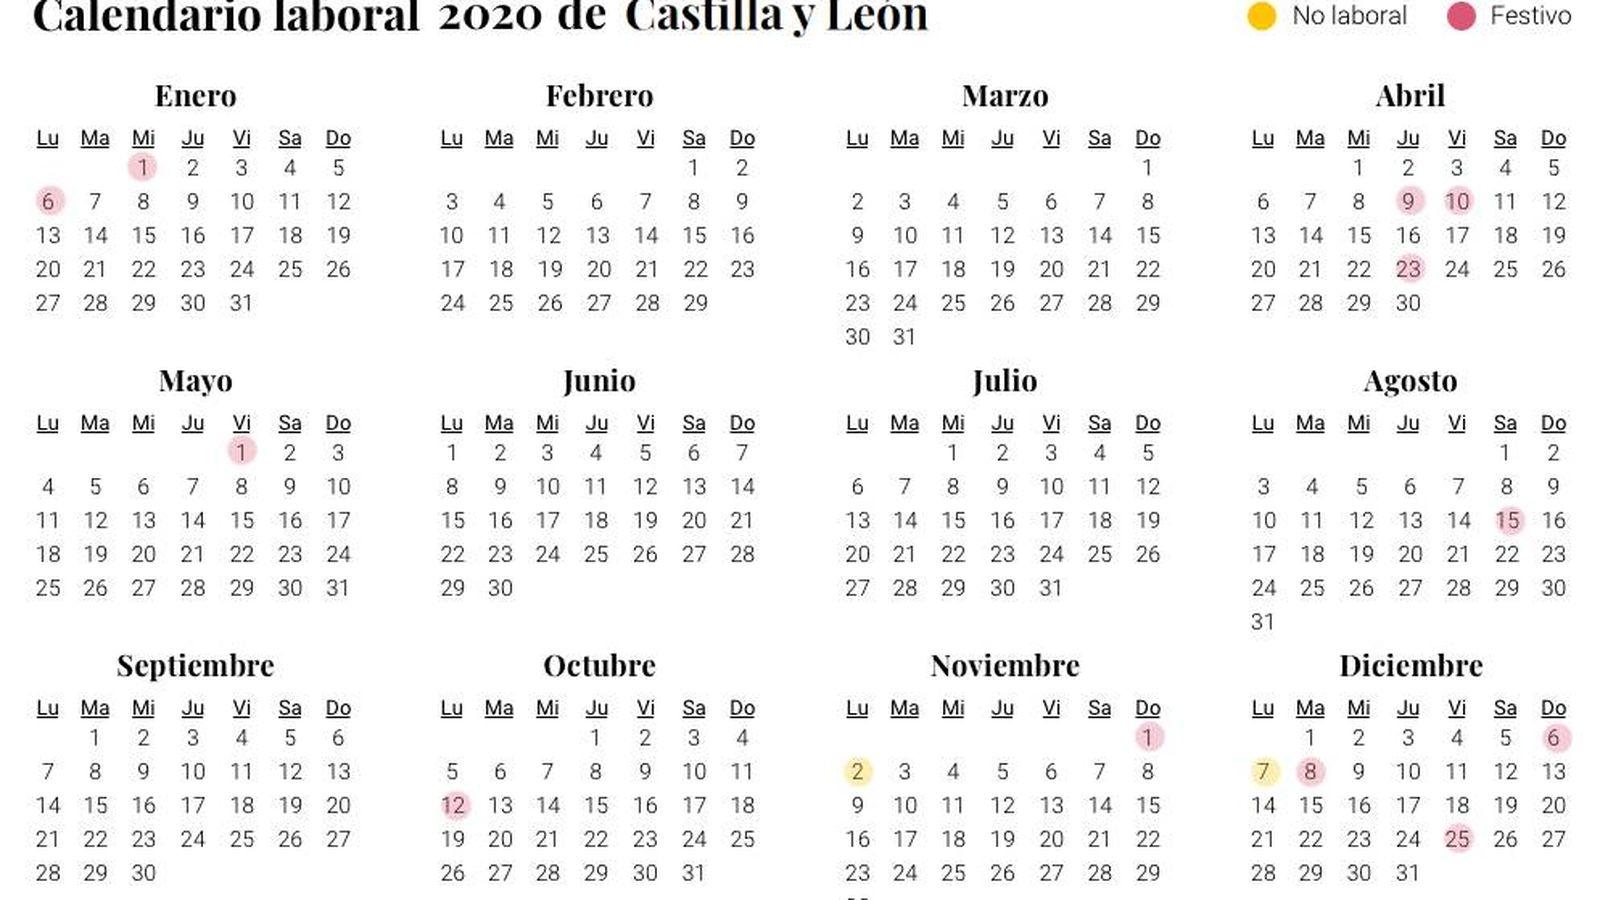 2020 Calendario Laboral.Calendario Laboral 2020 En Castilla Y Leon Aprobado Dos